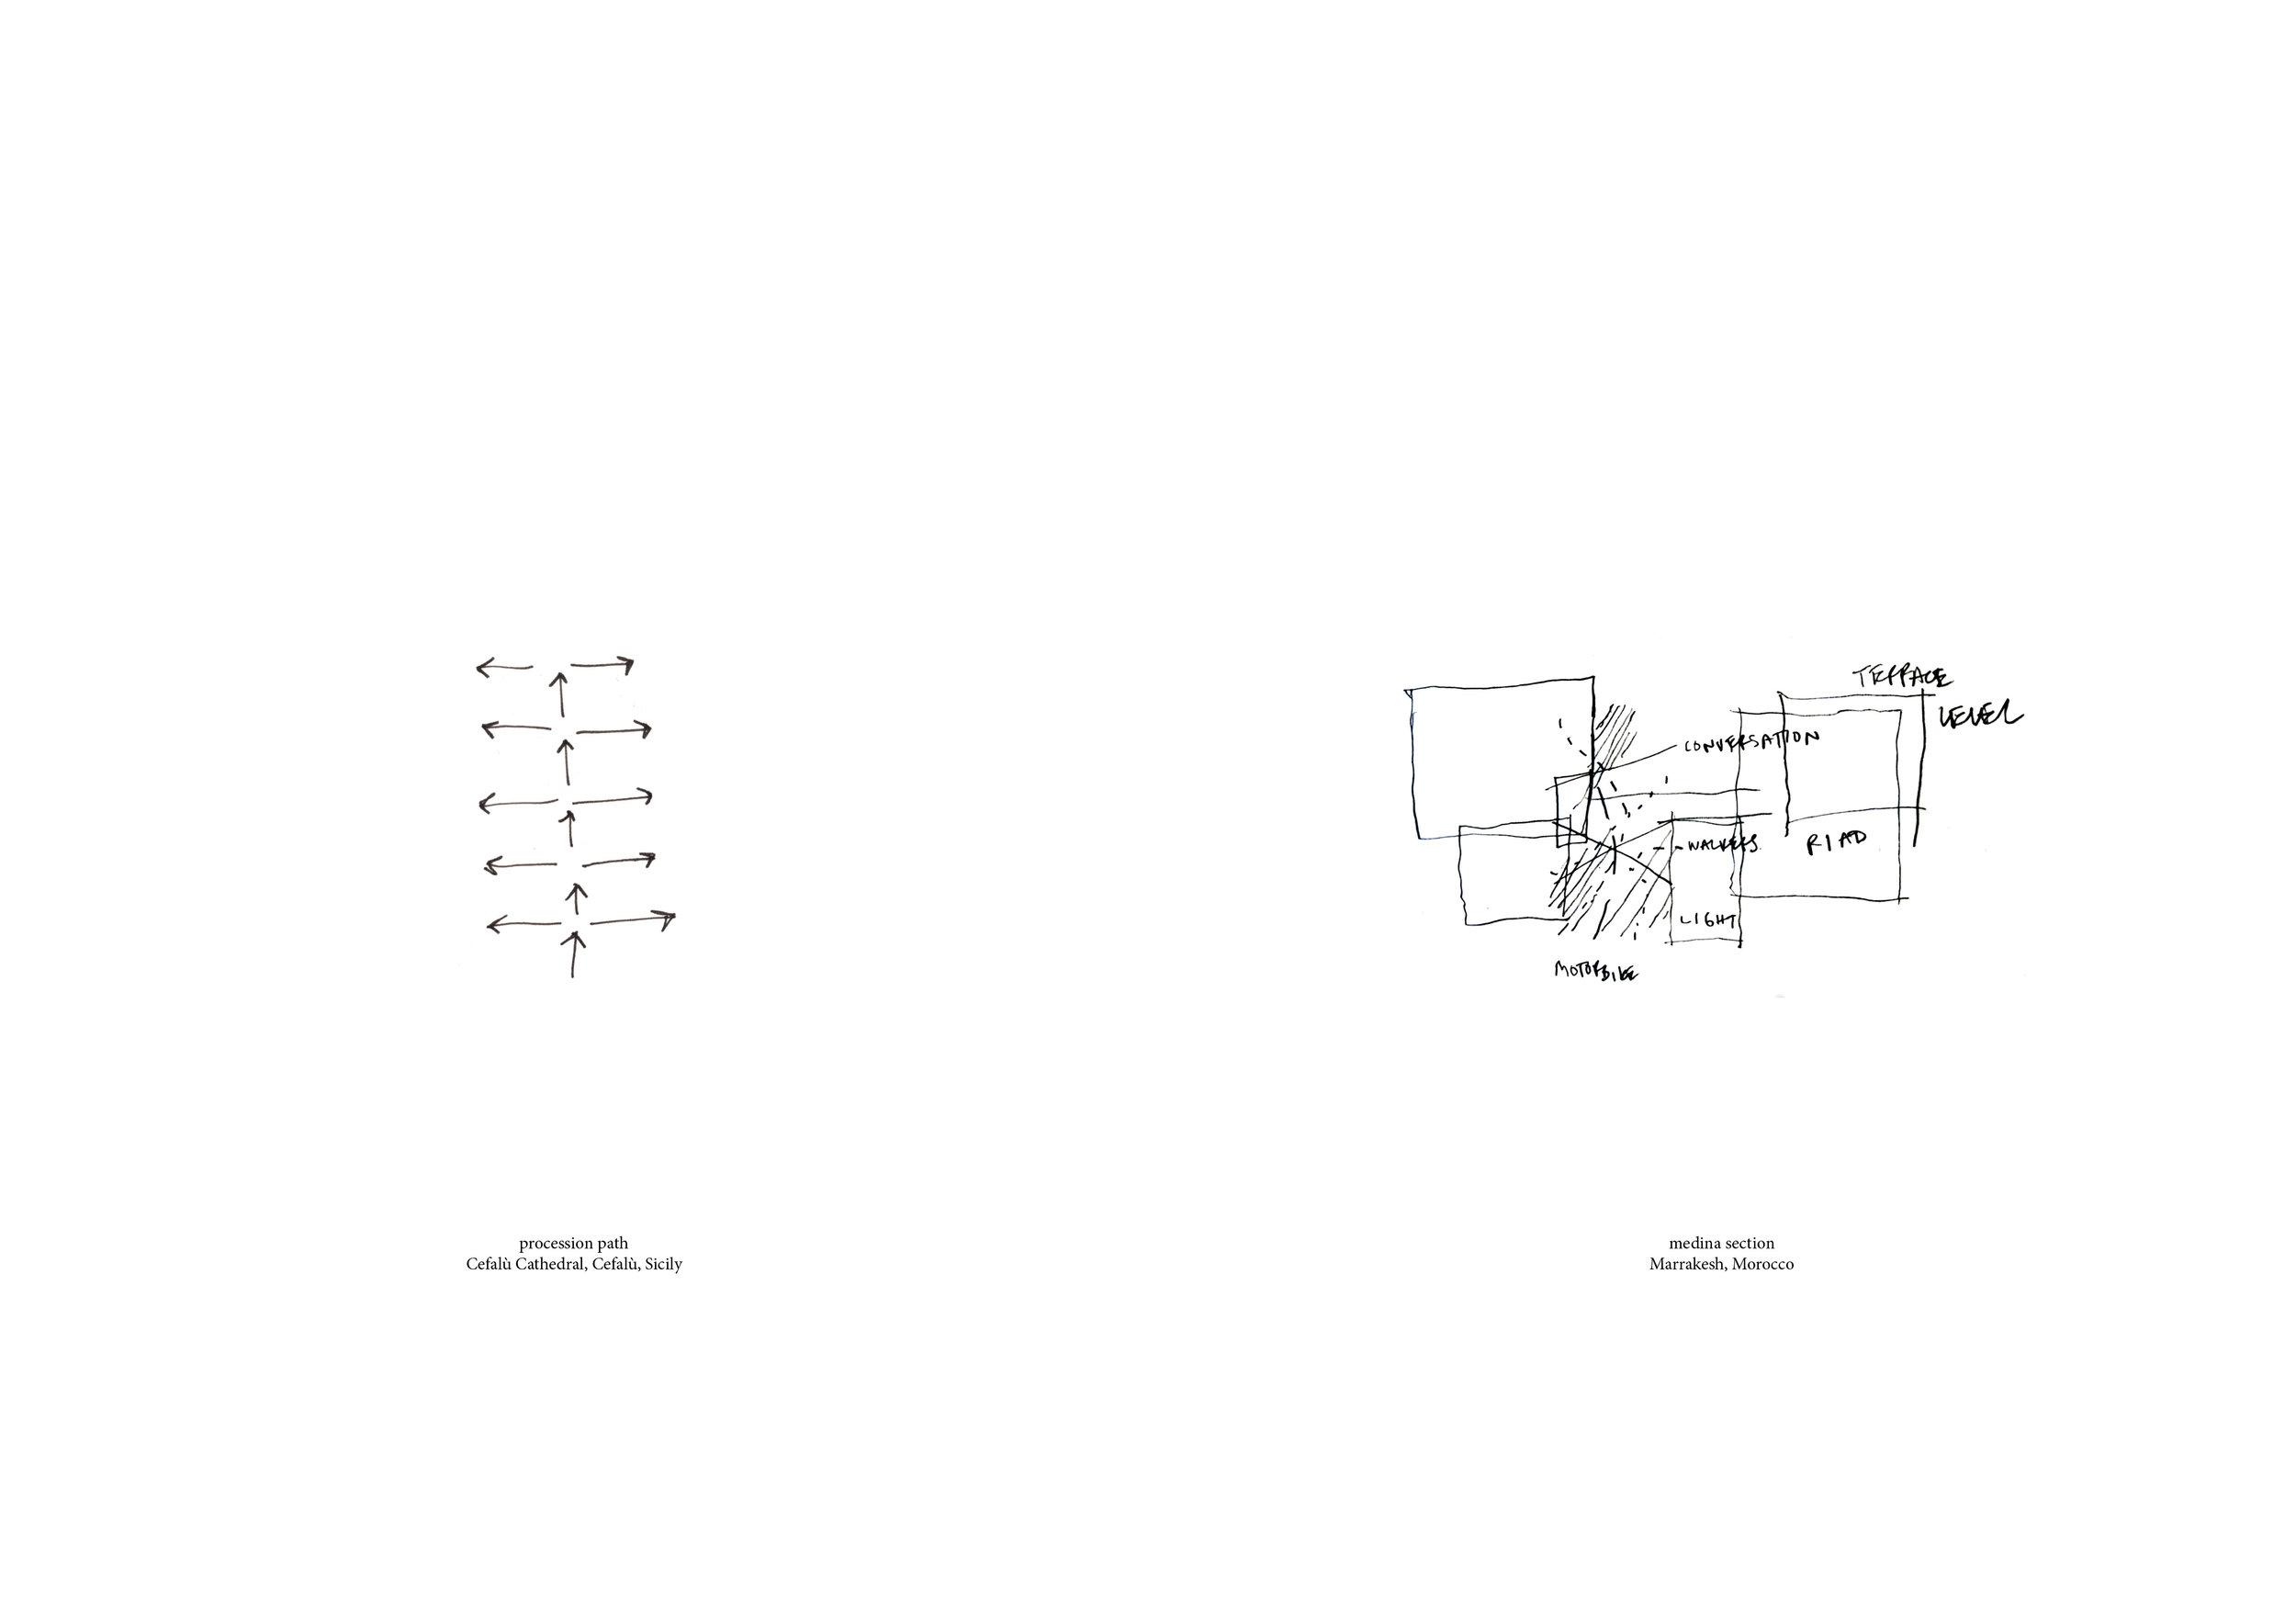 web diagram book print 317.jpg